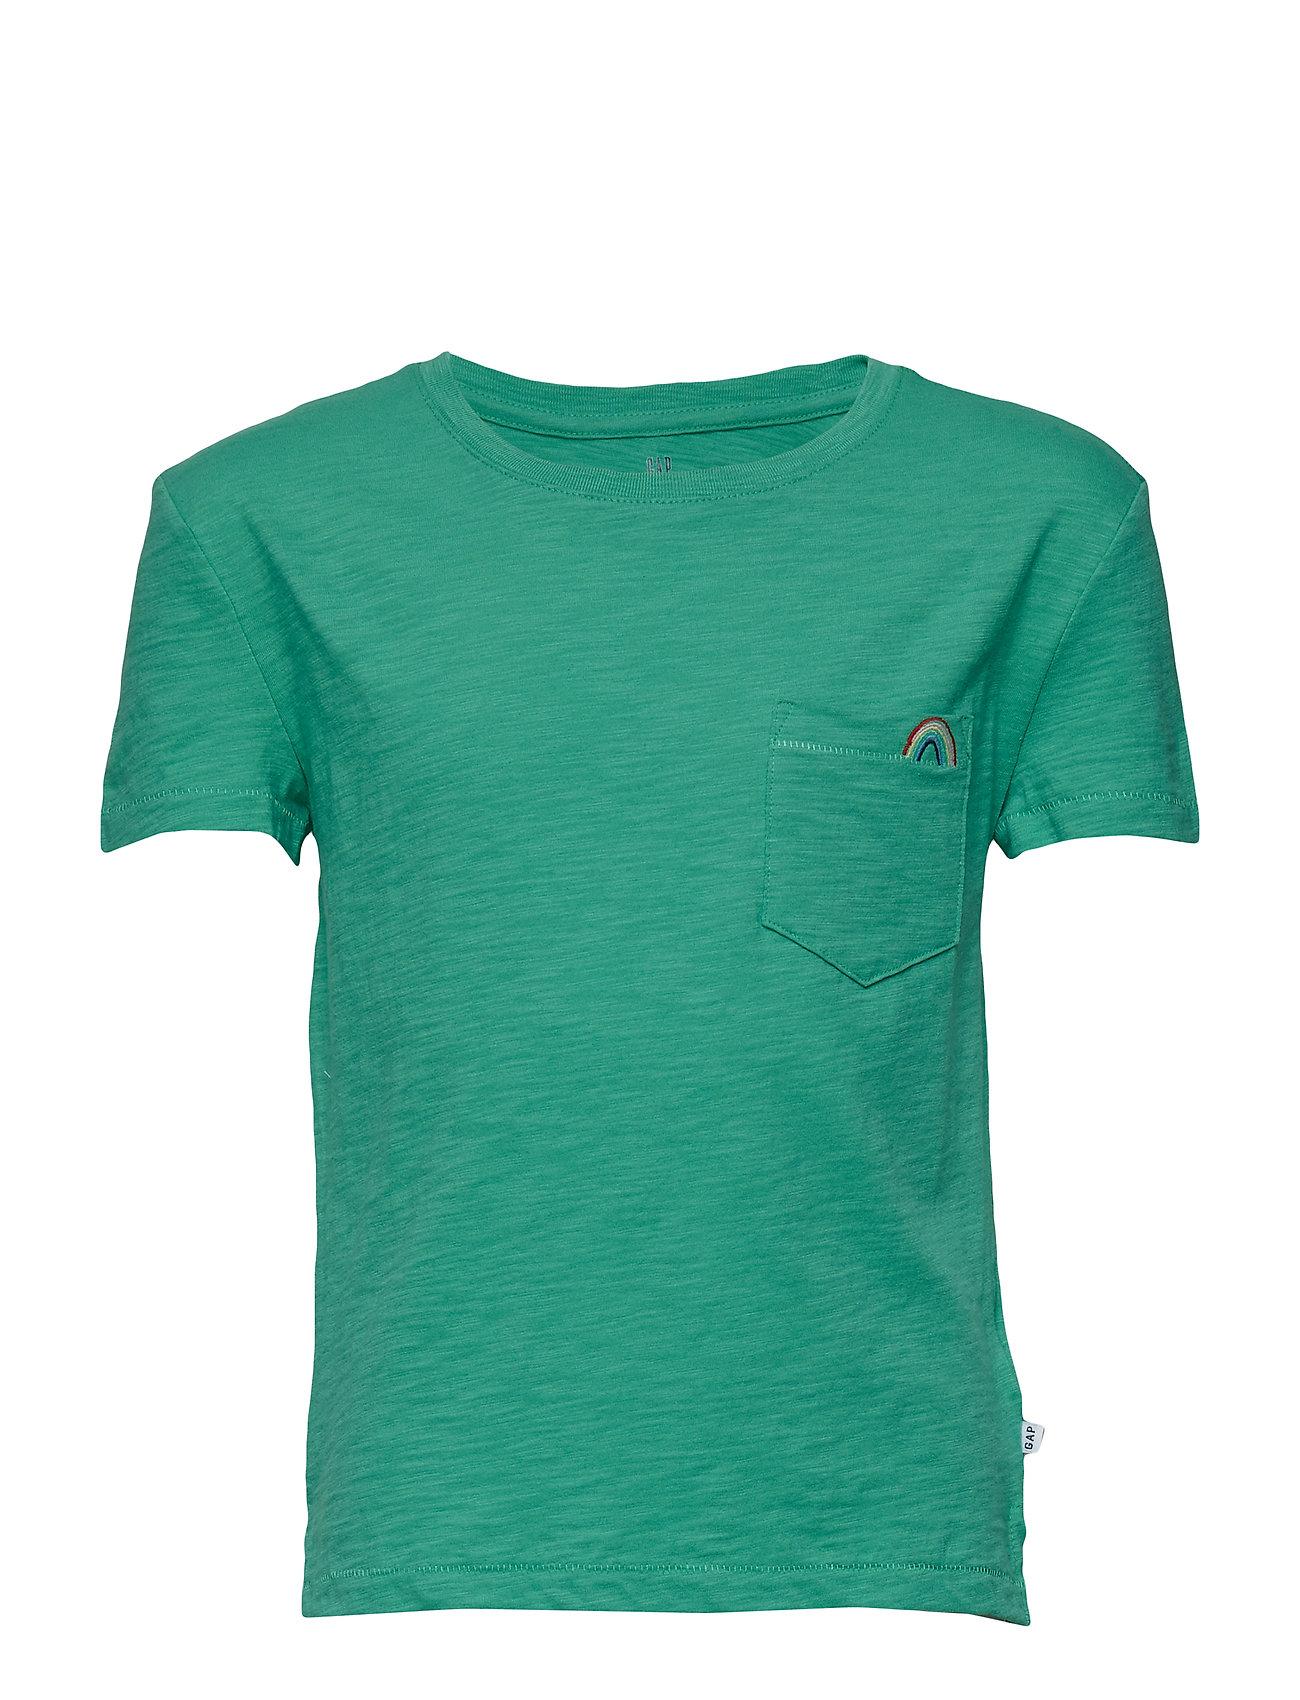 Image of Pkt Emb Tee T-shirt Grøn GAP (3176006681)